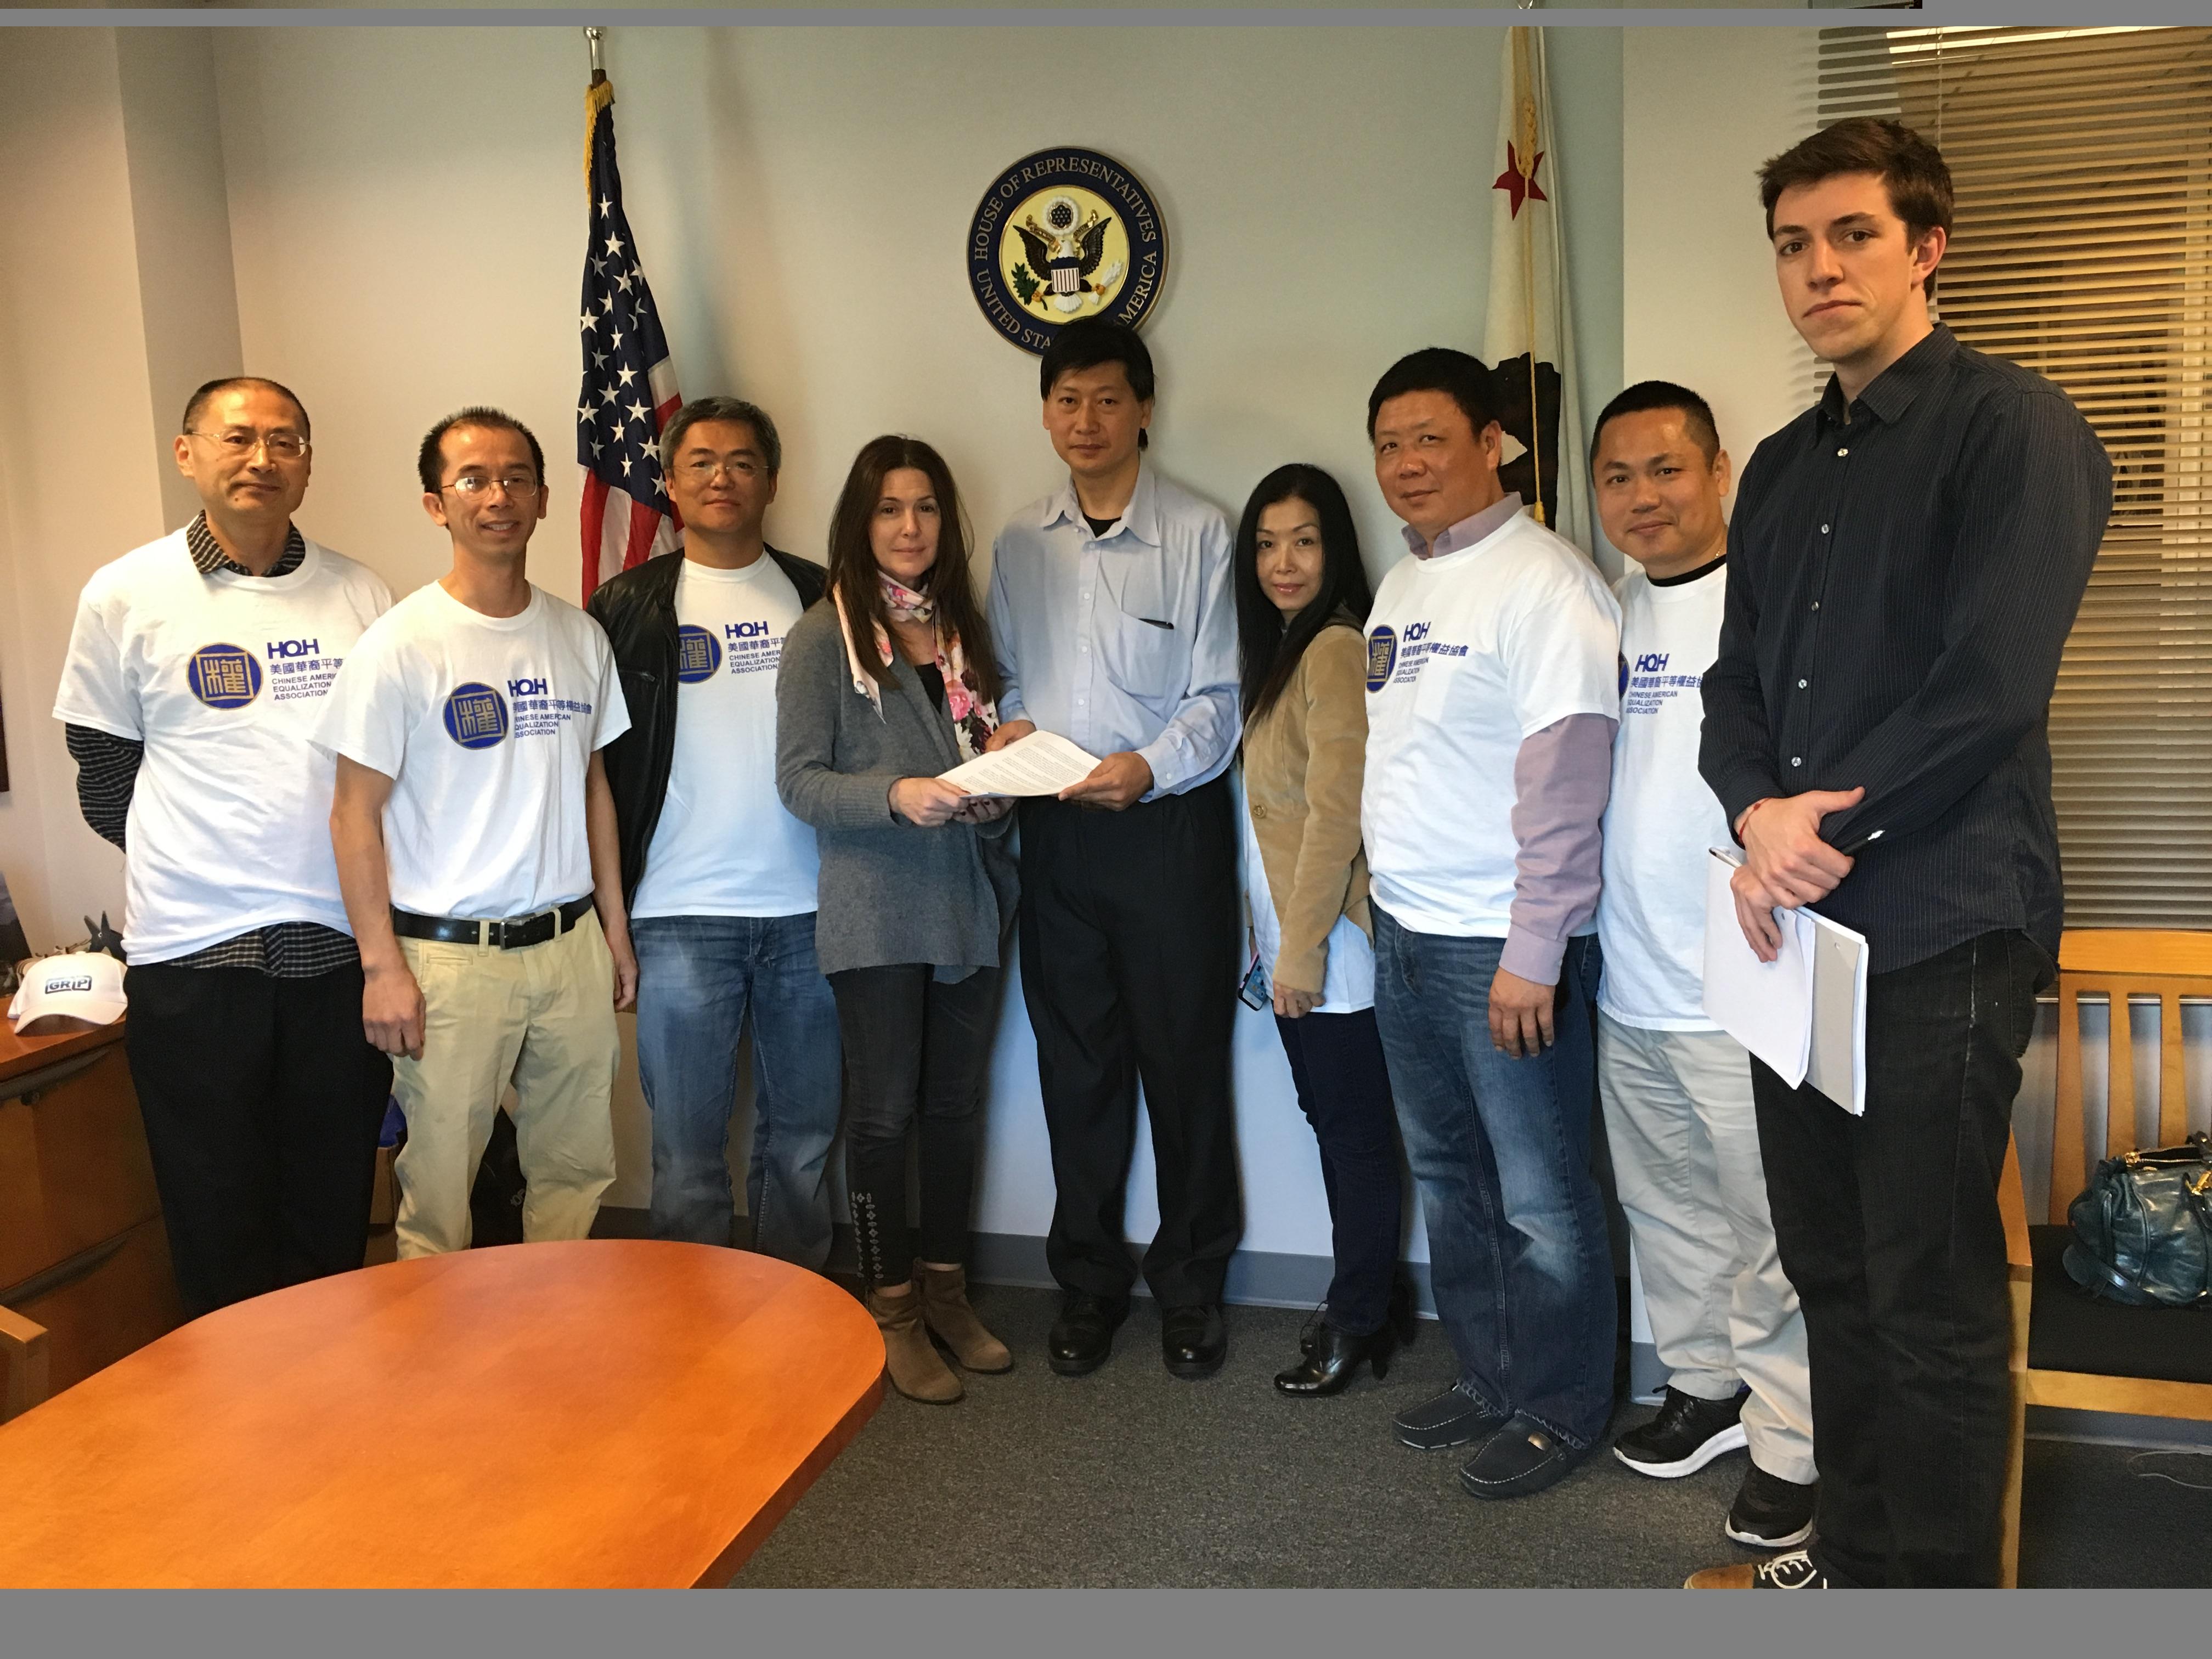 周永平(右五) 於2015年在華權會成員陪同下,向劉雲平洛杉磯辦公室主任品托(Lisa Pinto) (左四)遞交陳情文件。檔案照